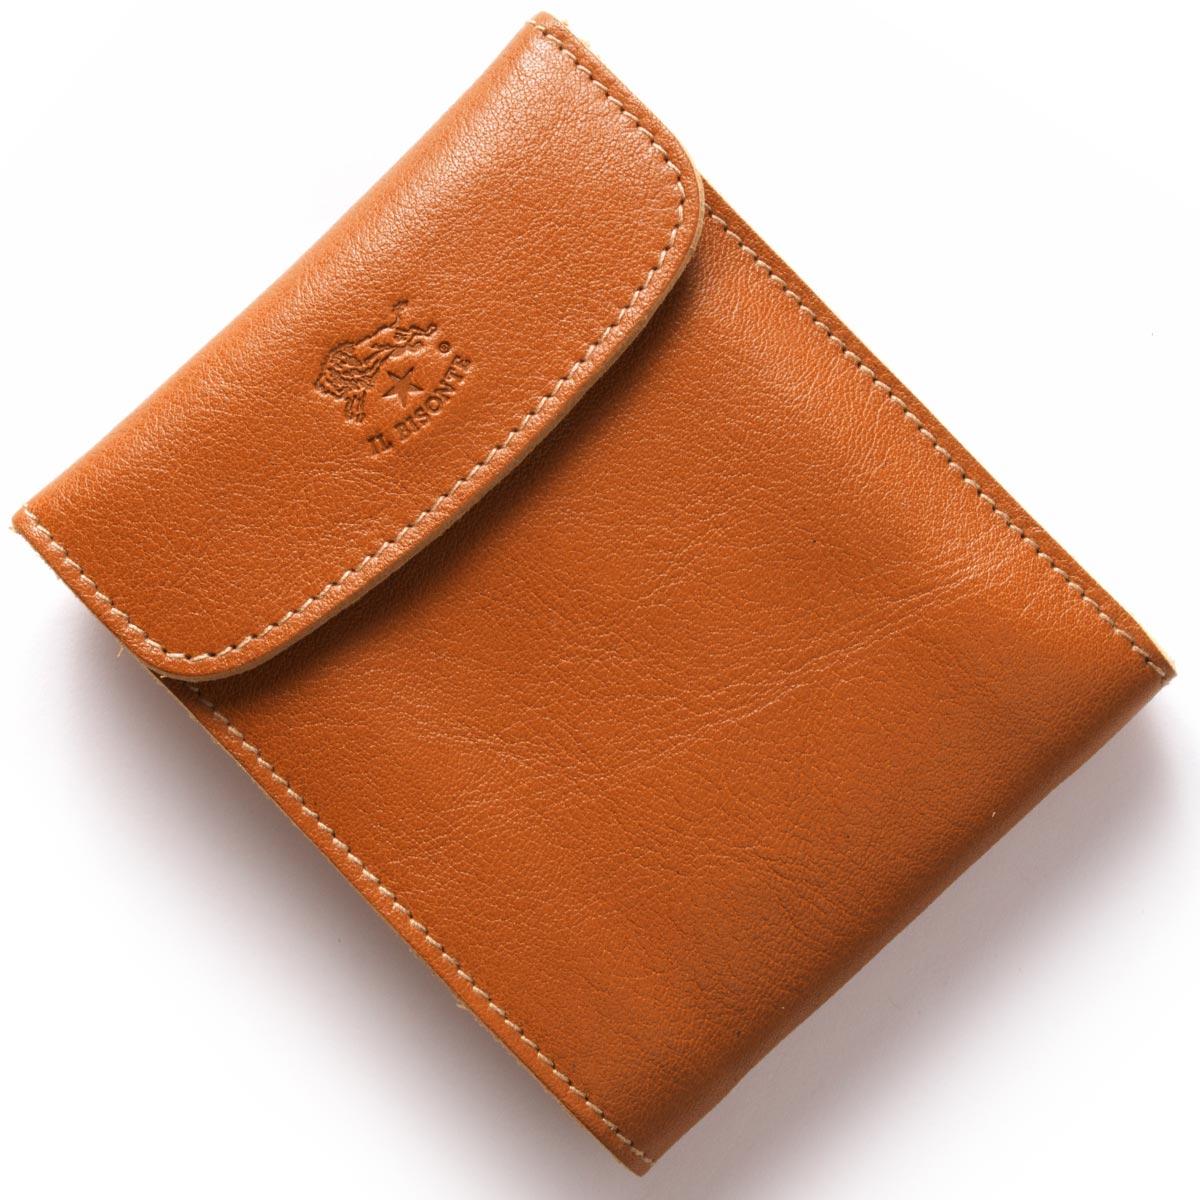 イルビゾンテ 三つ折り財布 財布 メンズ レディース スタンダード STANDARD キャラメルブラウン C0976 P 145 IL BISONTE